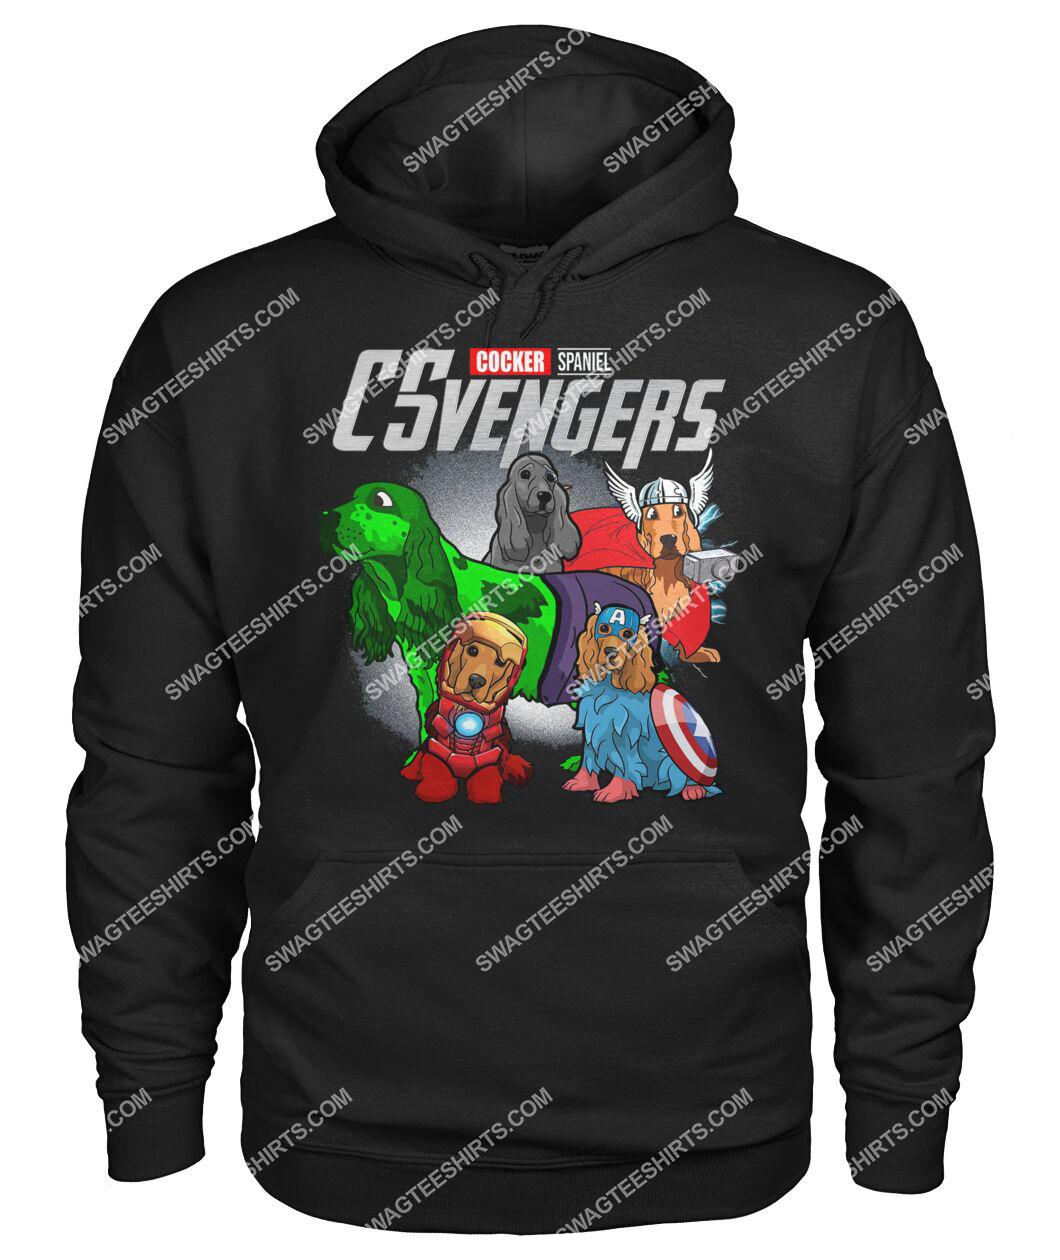 cocker spaniel csvengers marvel avengers dogs lover hoodie 1